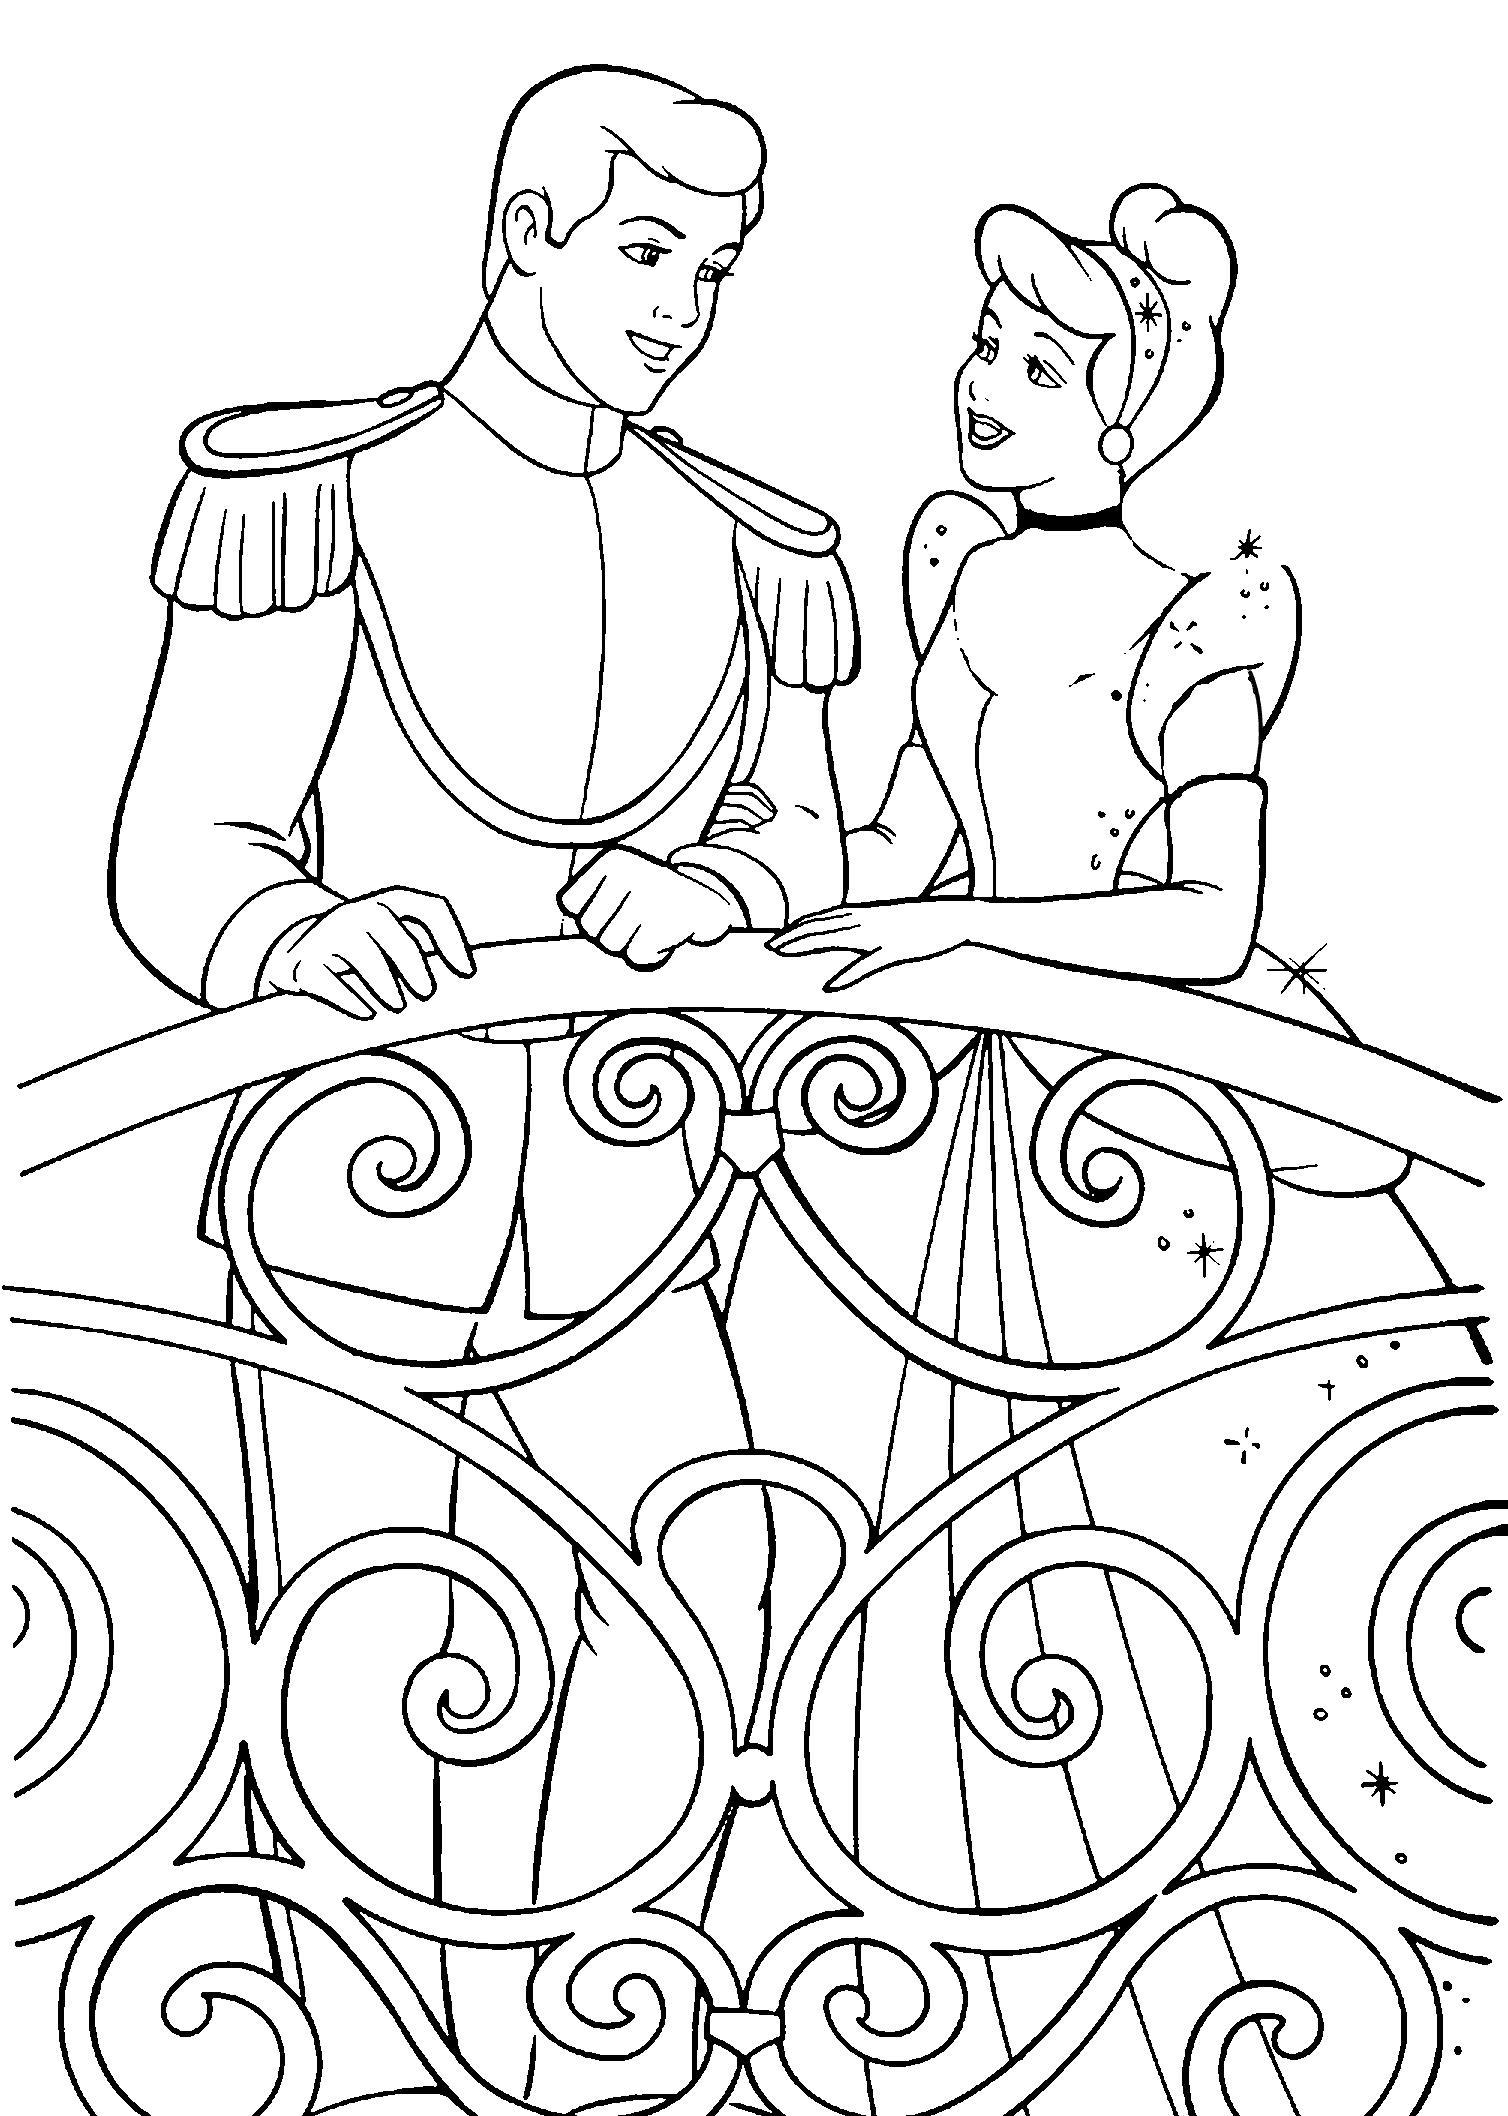 Принцесса с принцем на балконе Найти раскраски цветов